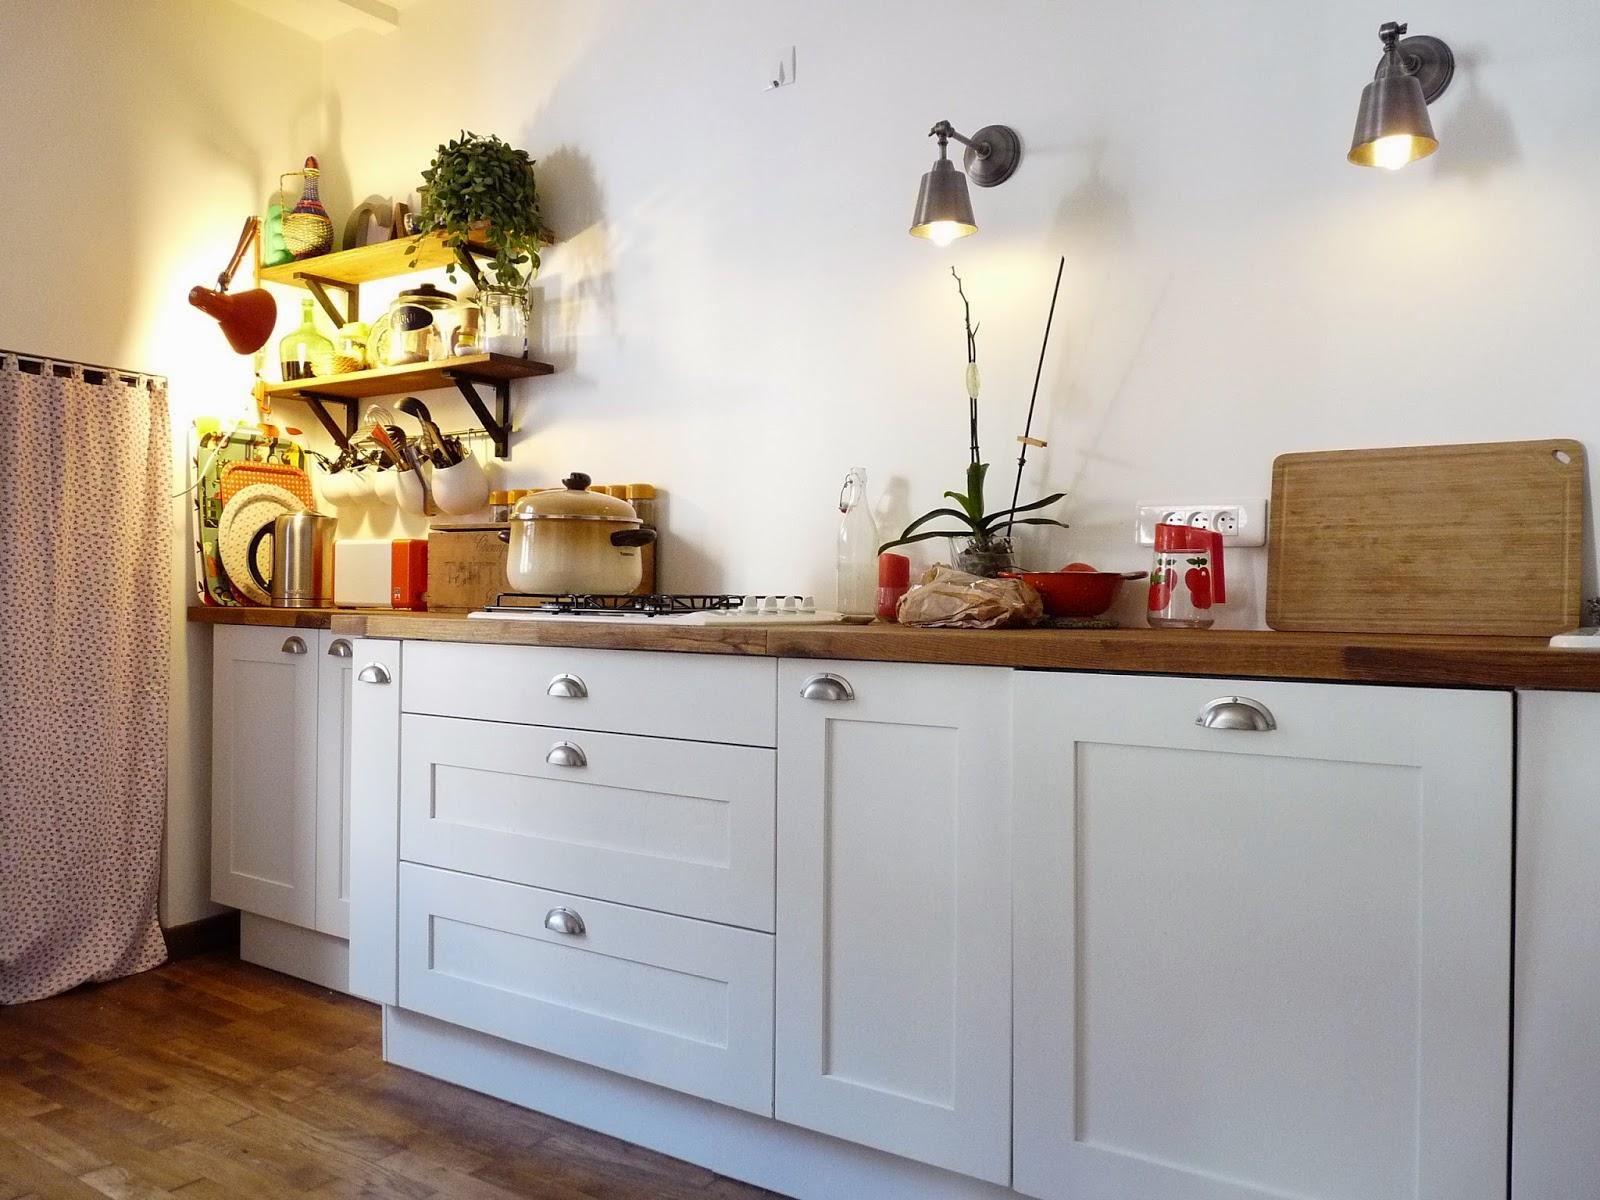 Подсветка кухонного гарнитура бра